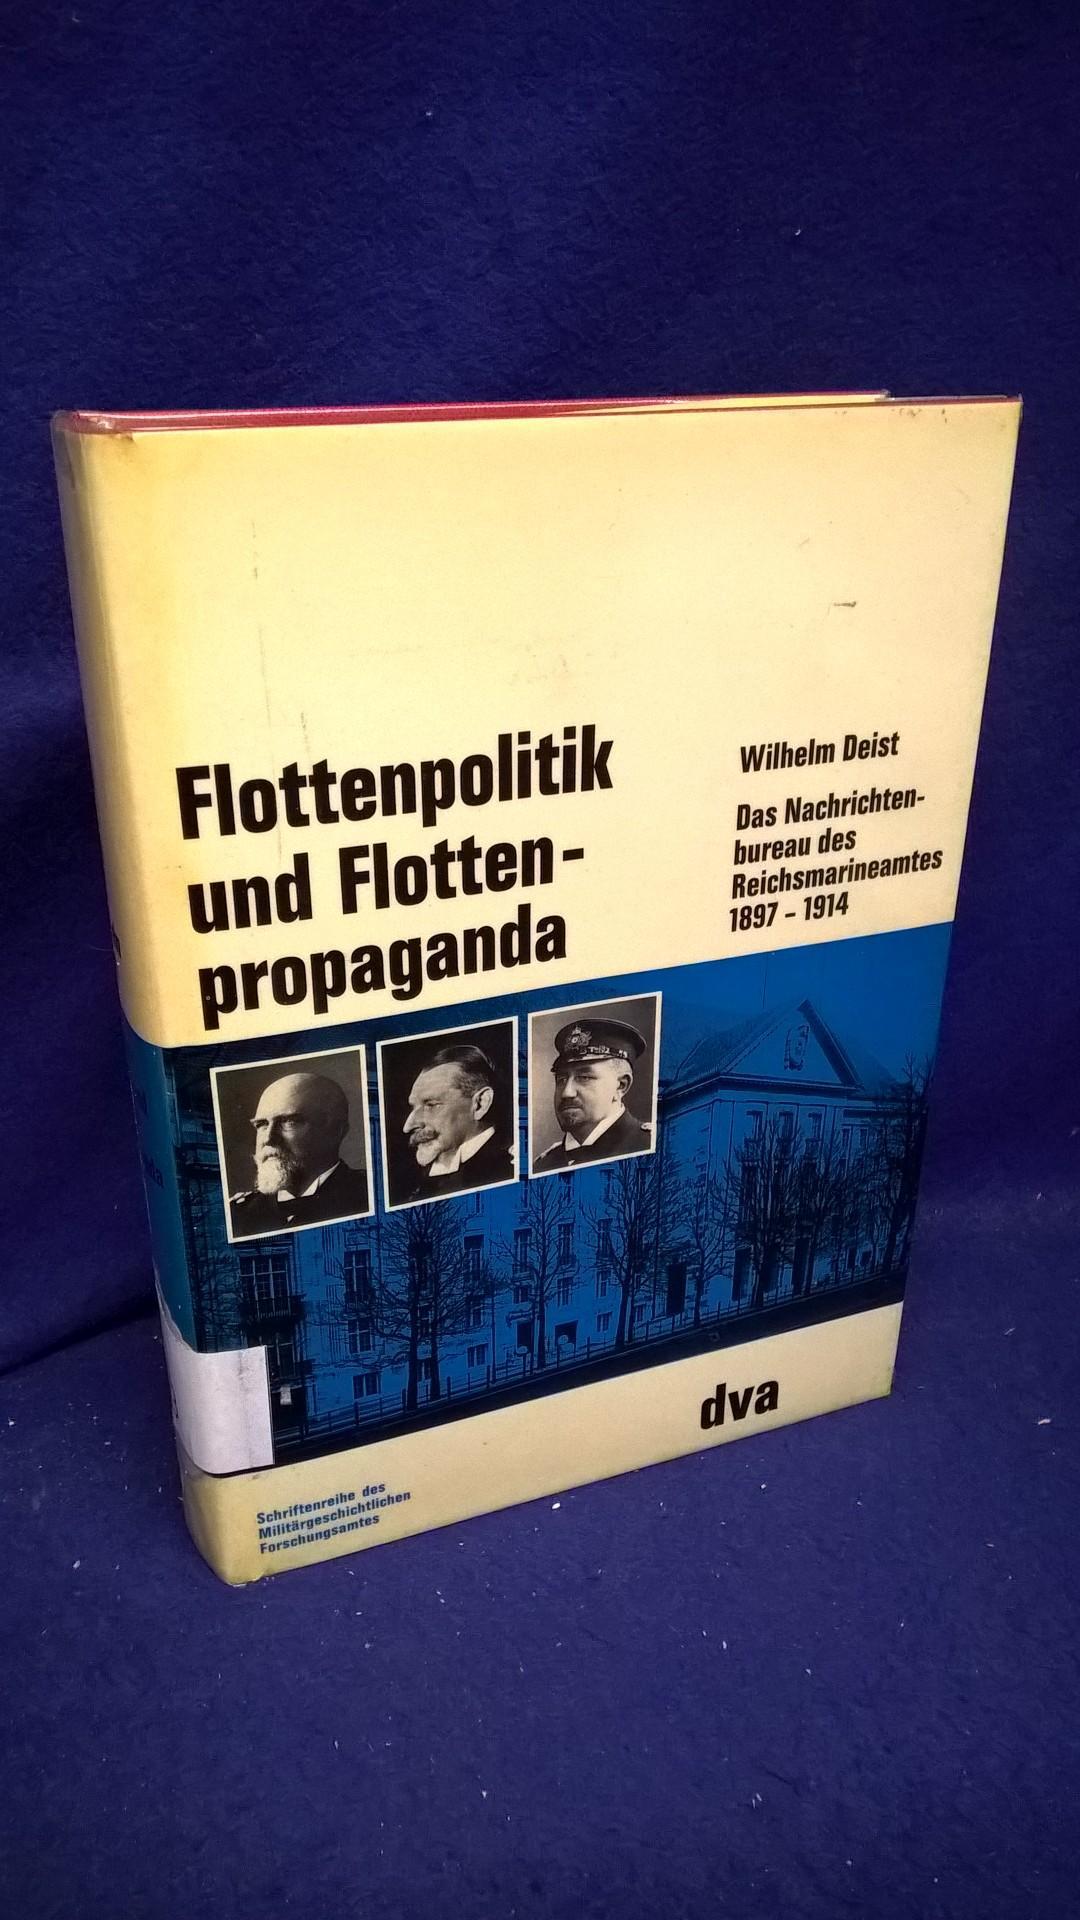 Flottenpolitik und Flottenpropaganda - Das Nachrichtenbureau des Reichsmarineamtes 1897 - 1914